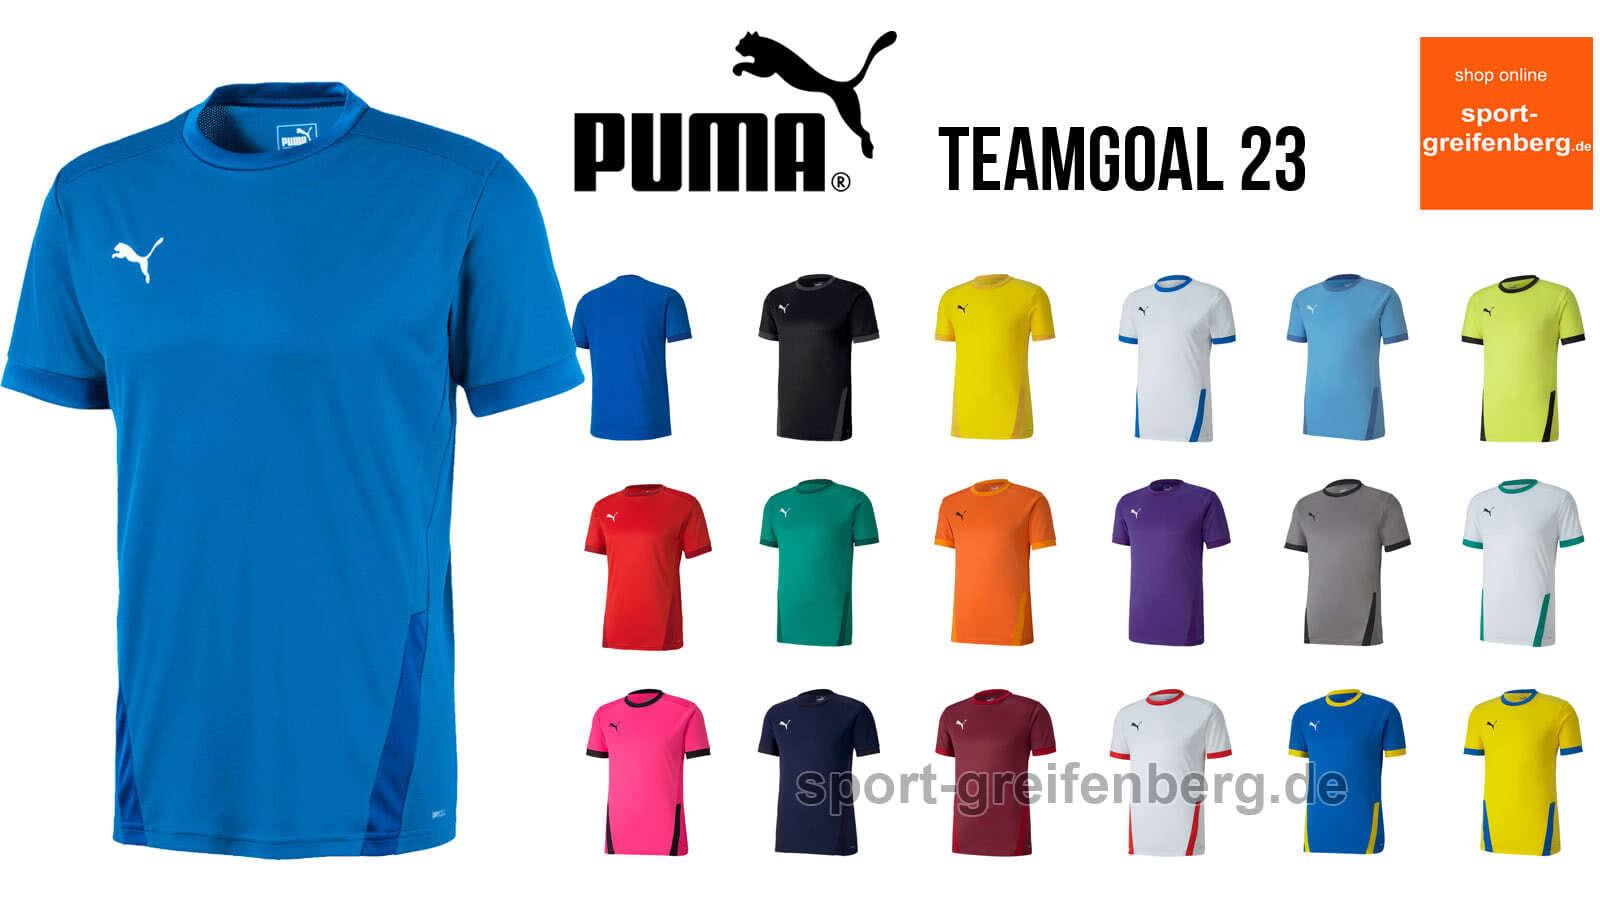 Das puma teamgoal 23 trikot als Teamsport Jersey für 2020 bis 2023